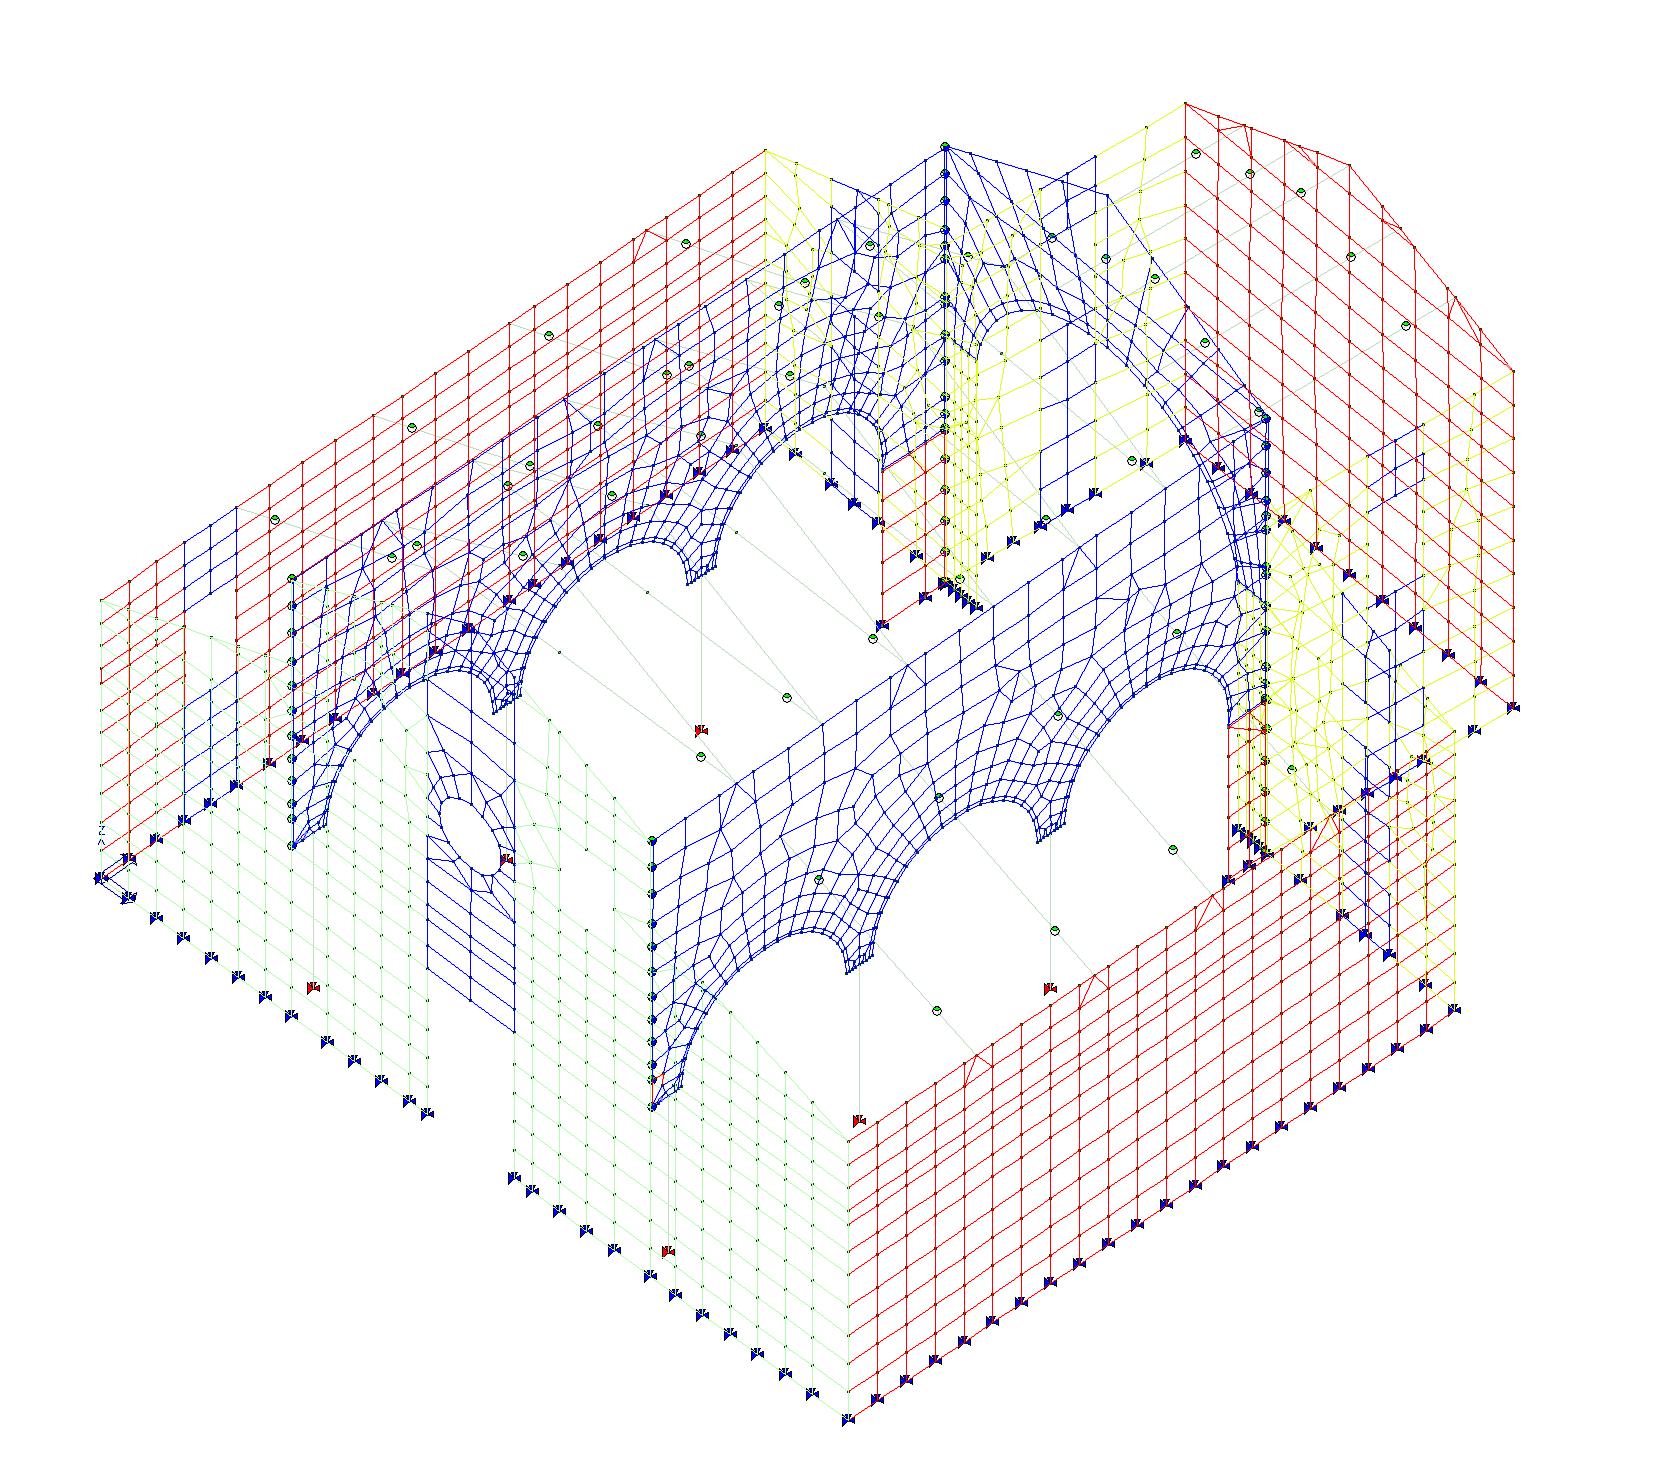 Vista 3D modello di calcolo struttura in muratura